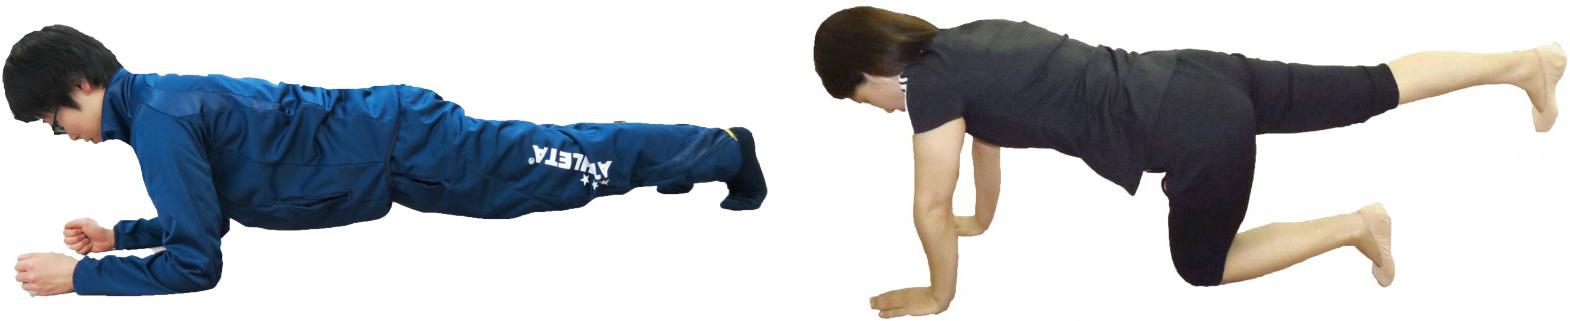 体幹を強化する為の重要なポイント